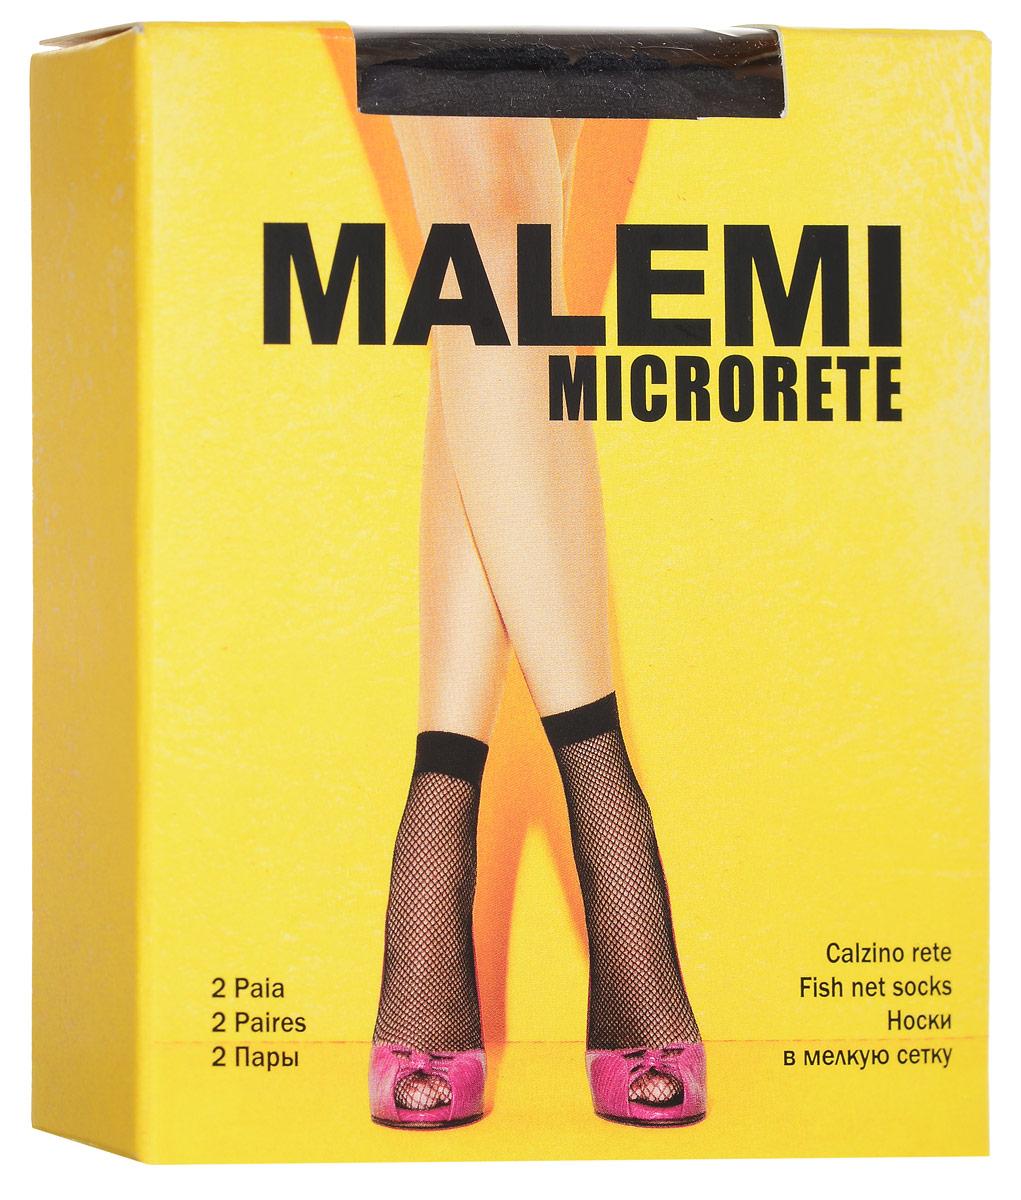 Носки женские Malemi Microrete, цвет: Nero (черный), 2 пары. 13189. Размер универсальный гольфы женские malemi soft 40 цвет nero черный 9067 размер универсальный